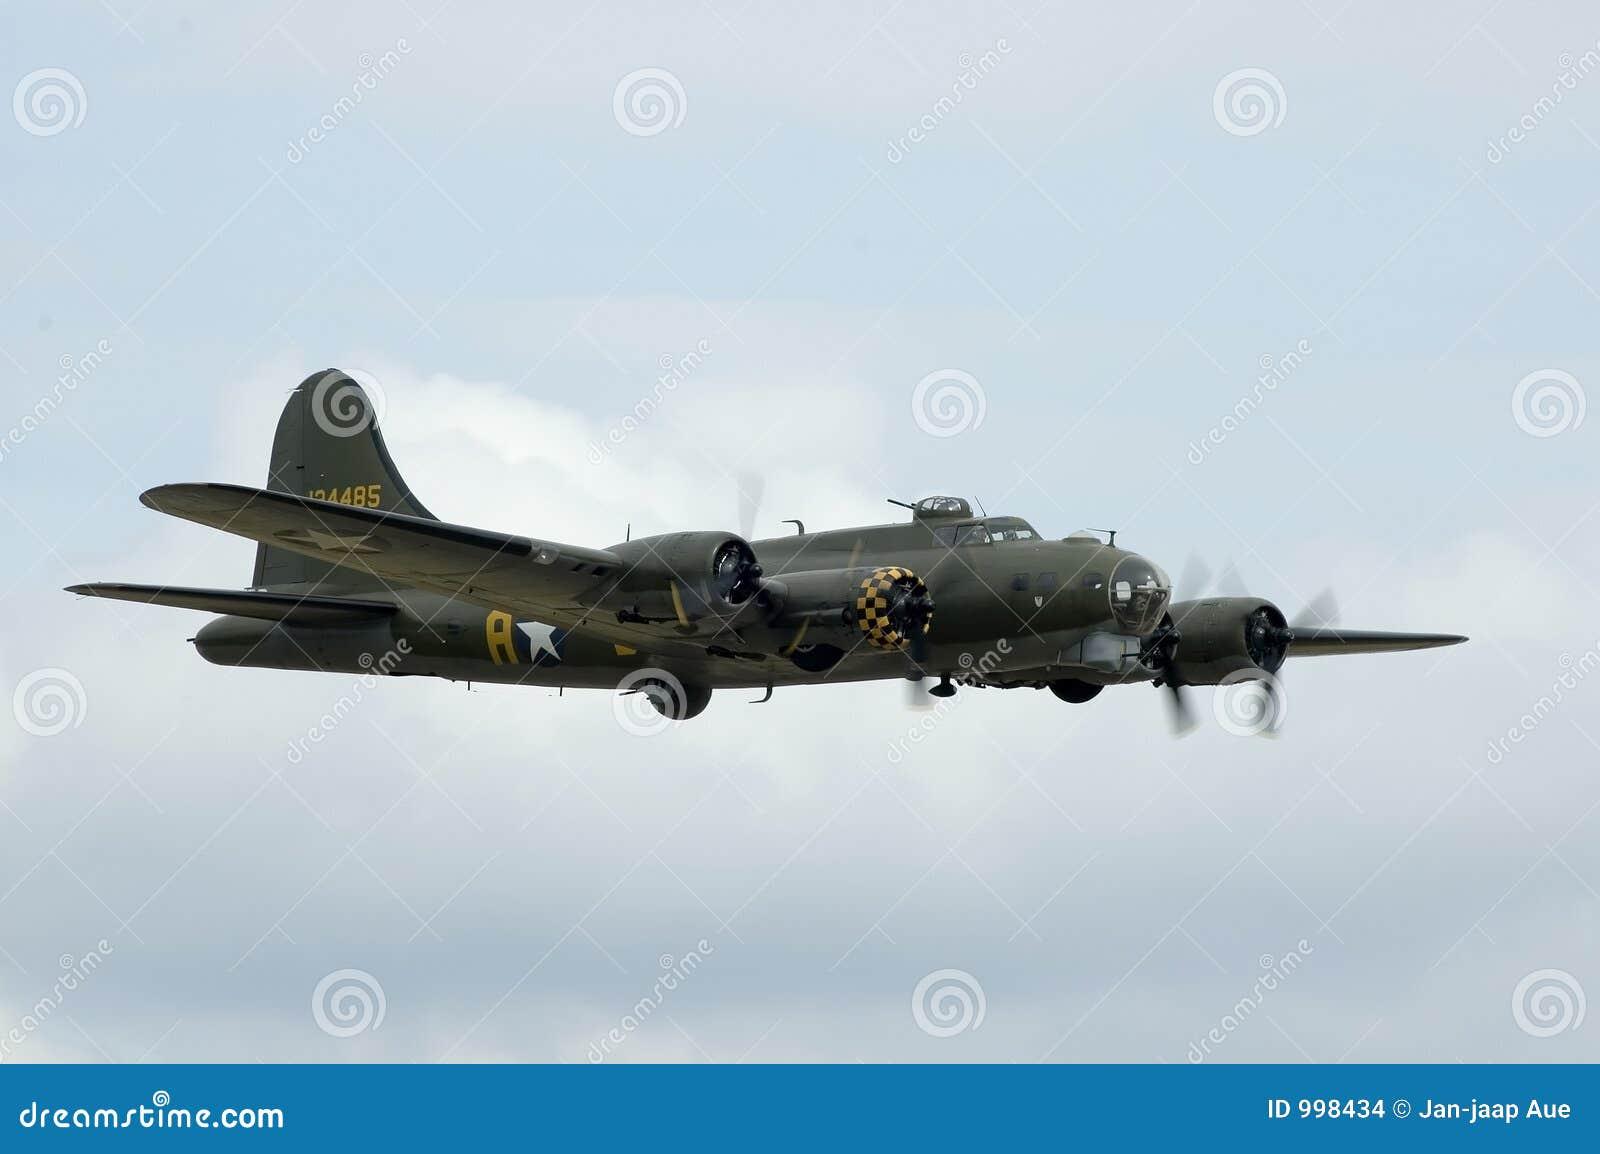 Airshowduxforden planes wwii